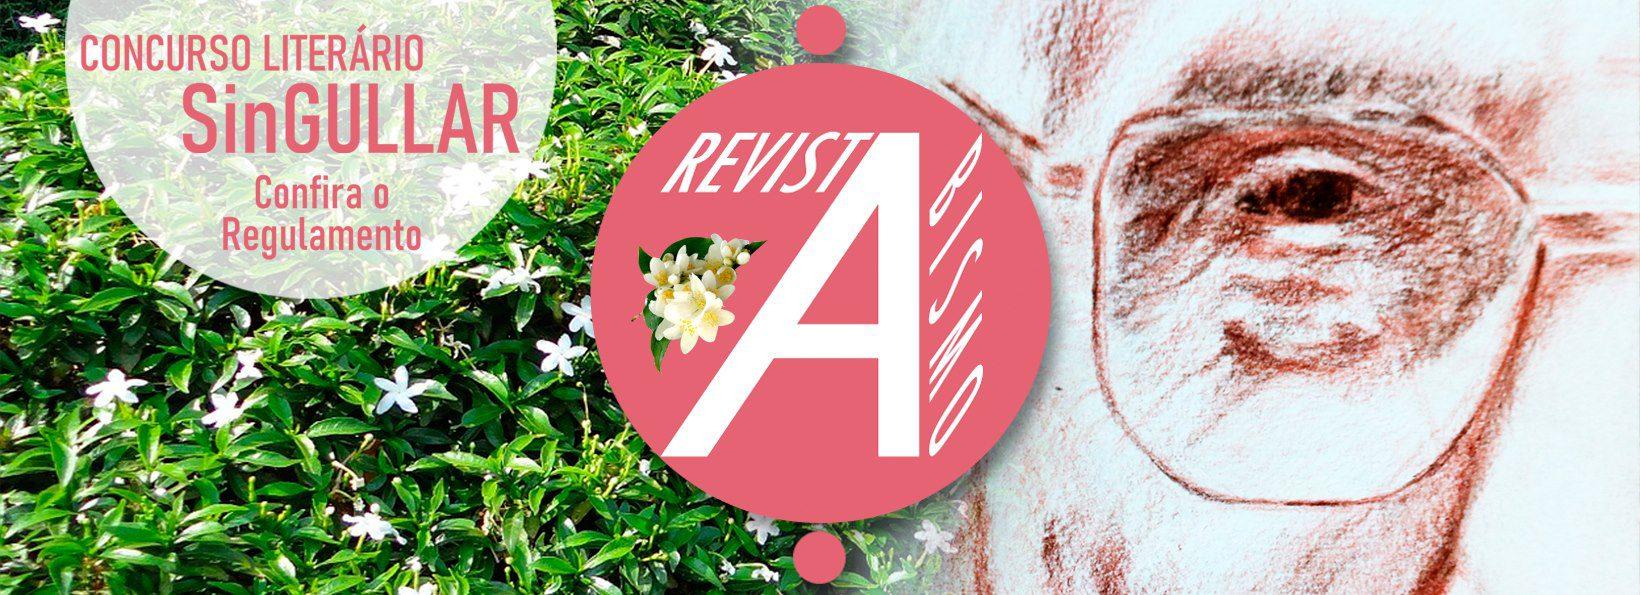 Revista Abismo promove um concurso de poesia sinGullar!